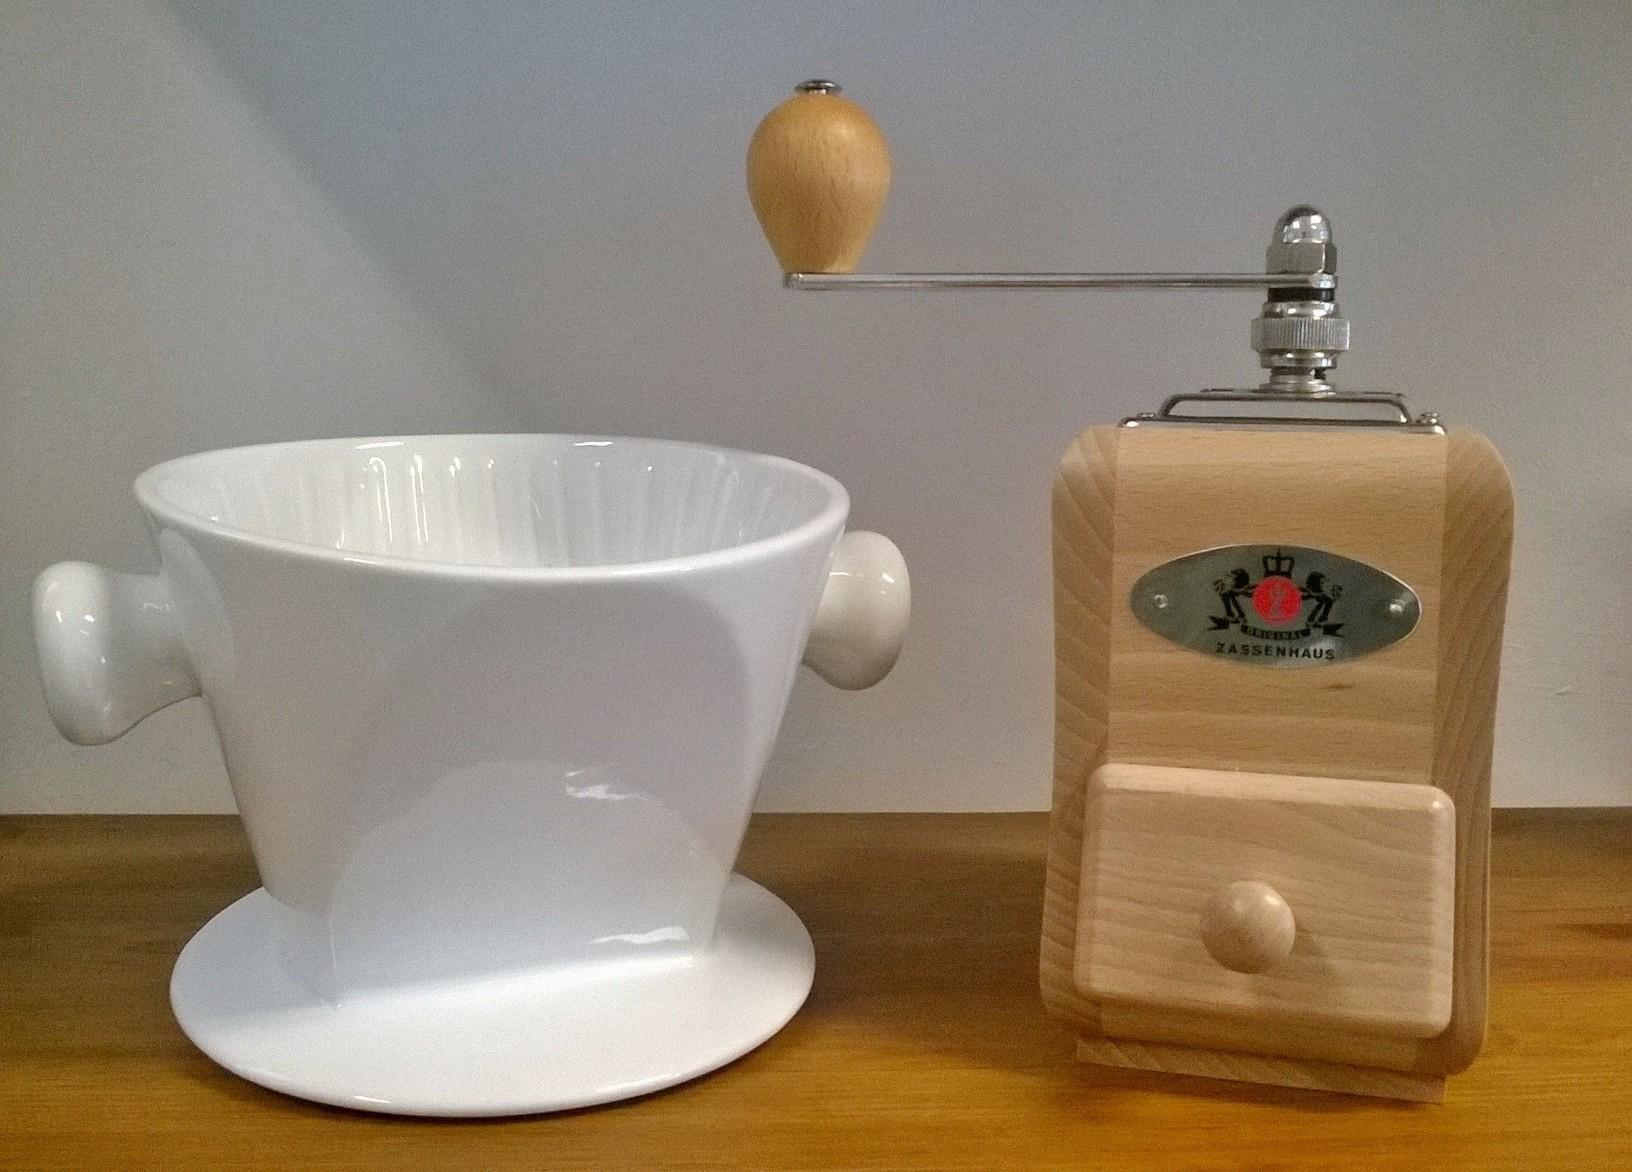 Porzellan-Kaffeefilter und Zassenhaus Kniemühle aus Buchenholz